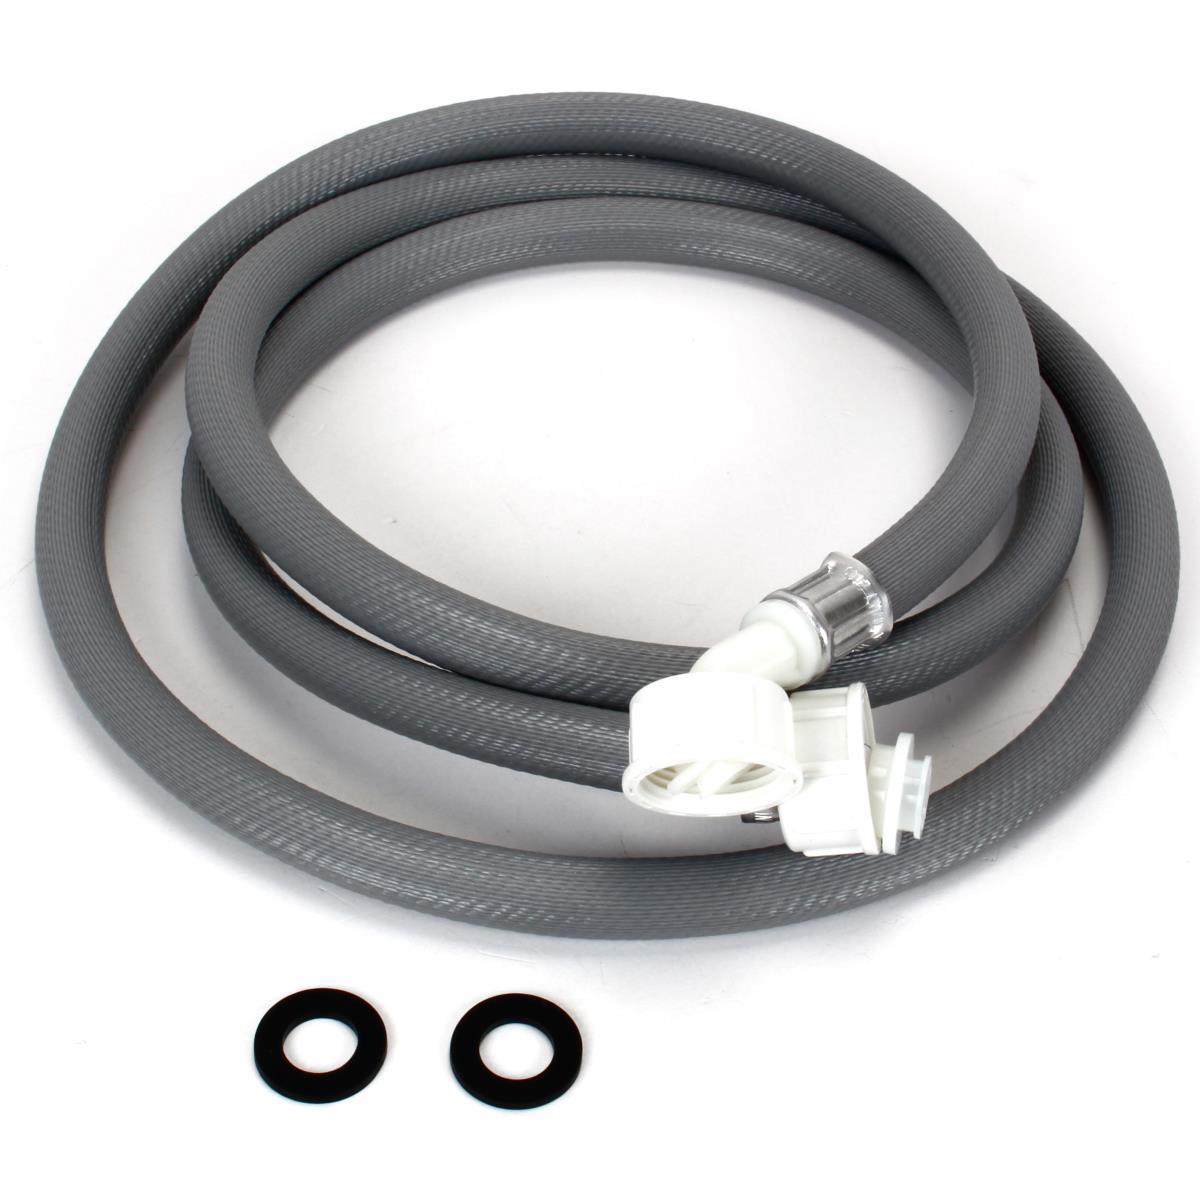 wasserschlauch 4m zulauf 3 4 kaltwasser waschmaschine sp lmaschine 20 bar. Black Bedroom Furniture Sets. Home Design Ideas